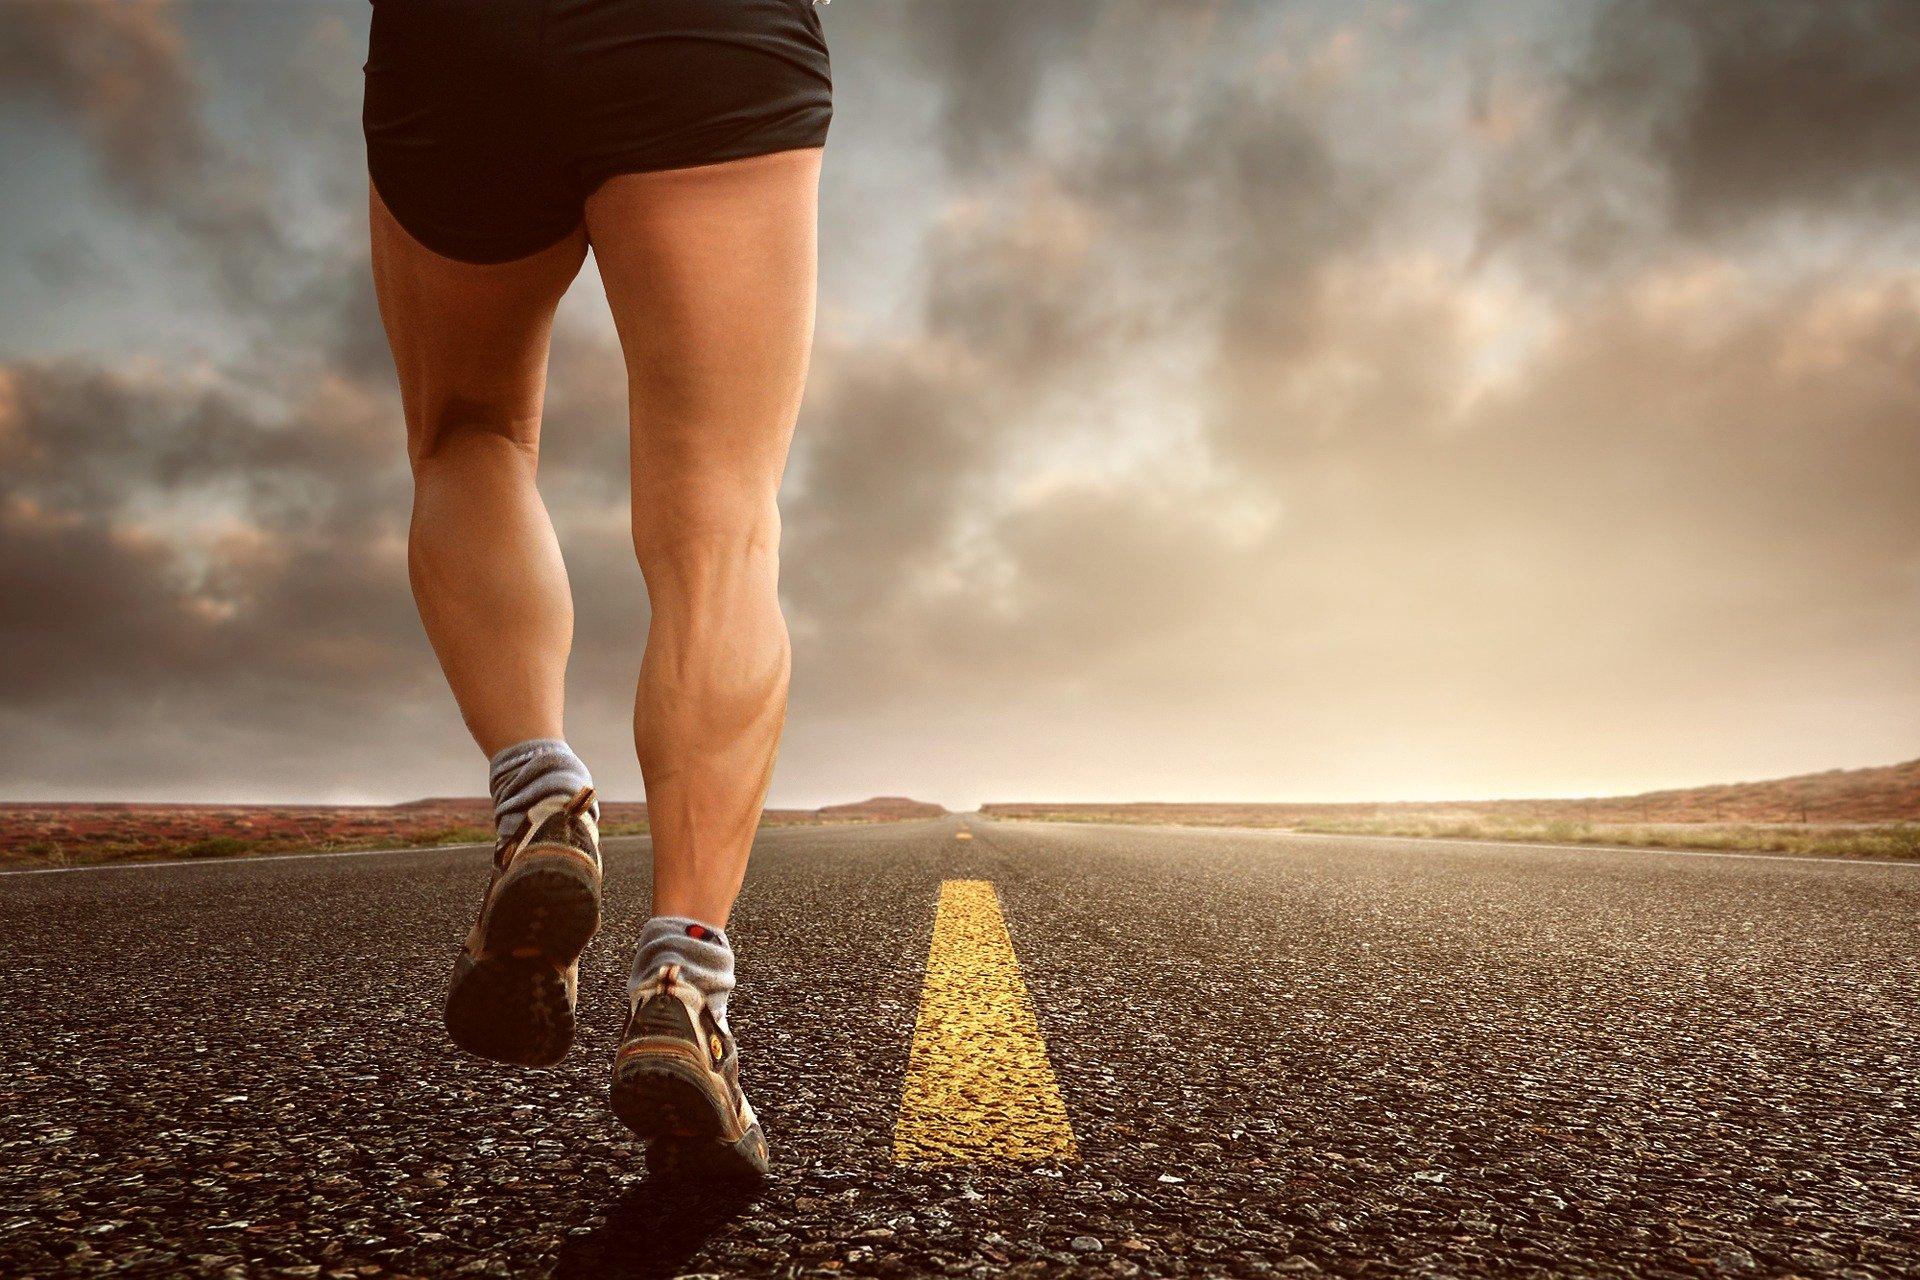 Etre plein d'énergie, être plus fort… que signifie être en forme pour vous ?